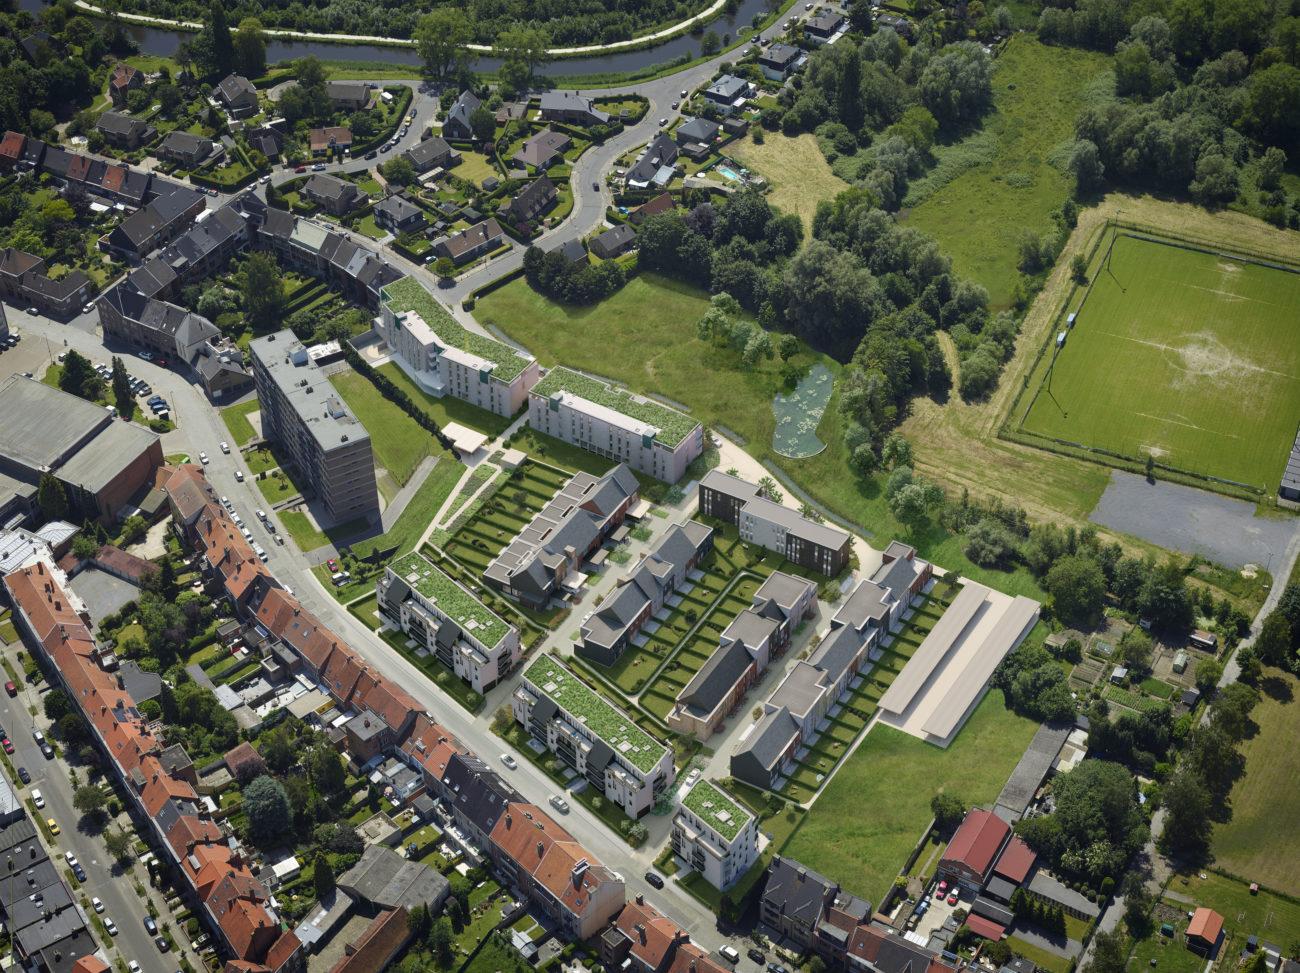 Nieuw te bouwen woonwijk - simulatie